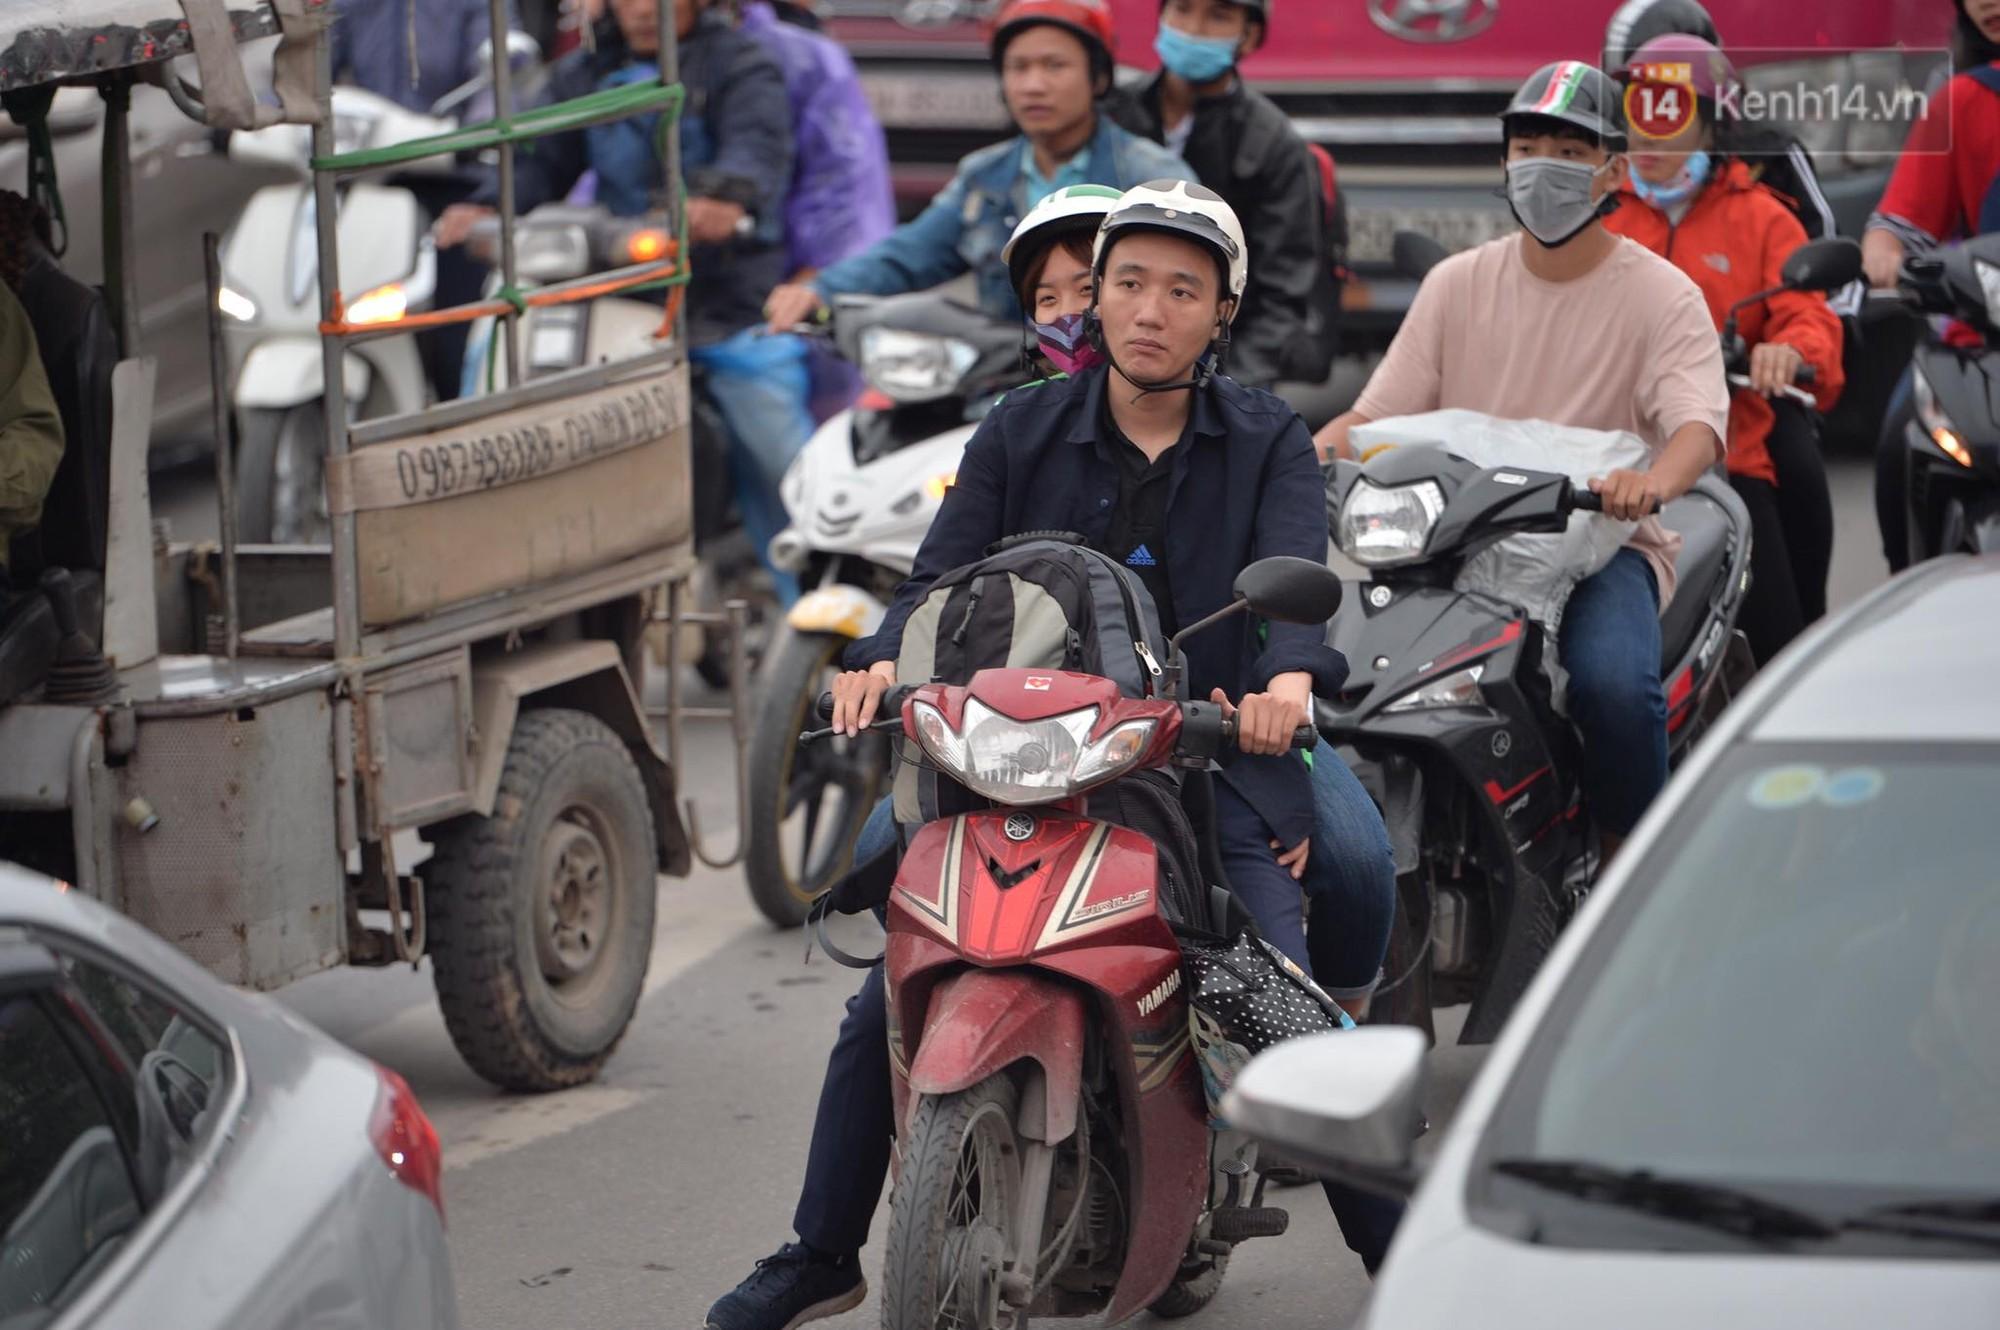 Kết thúc ngày làm việc trước kỳ nghỉ lễ 30/4, hàng nghìn người dân khăn gói về quê khiến nhiều tuyến đường ách tắc 14